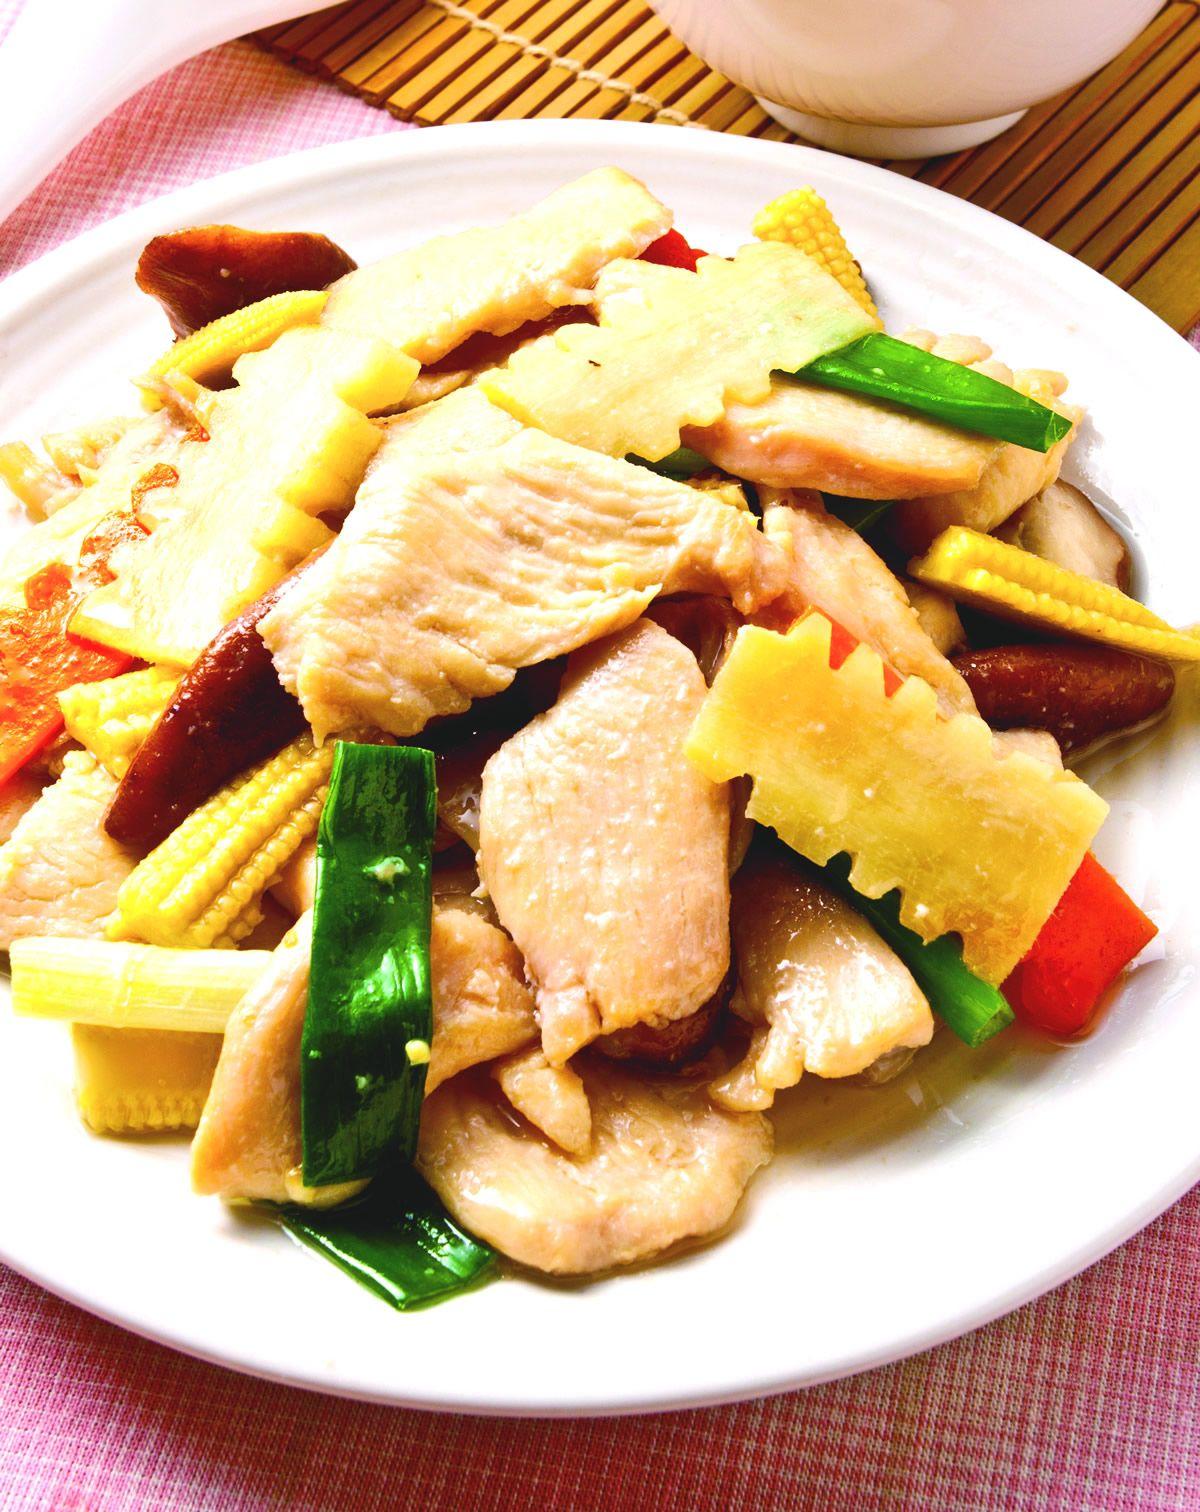 食譜:薑片炒雞肉